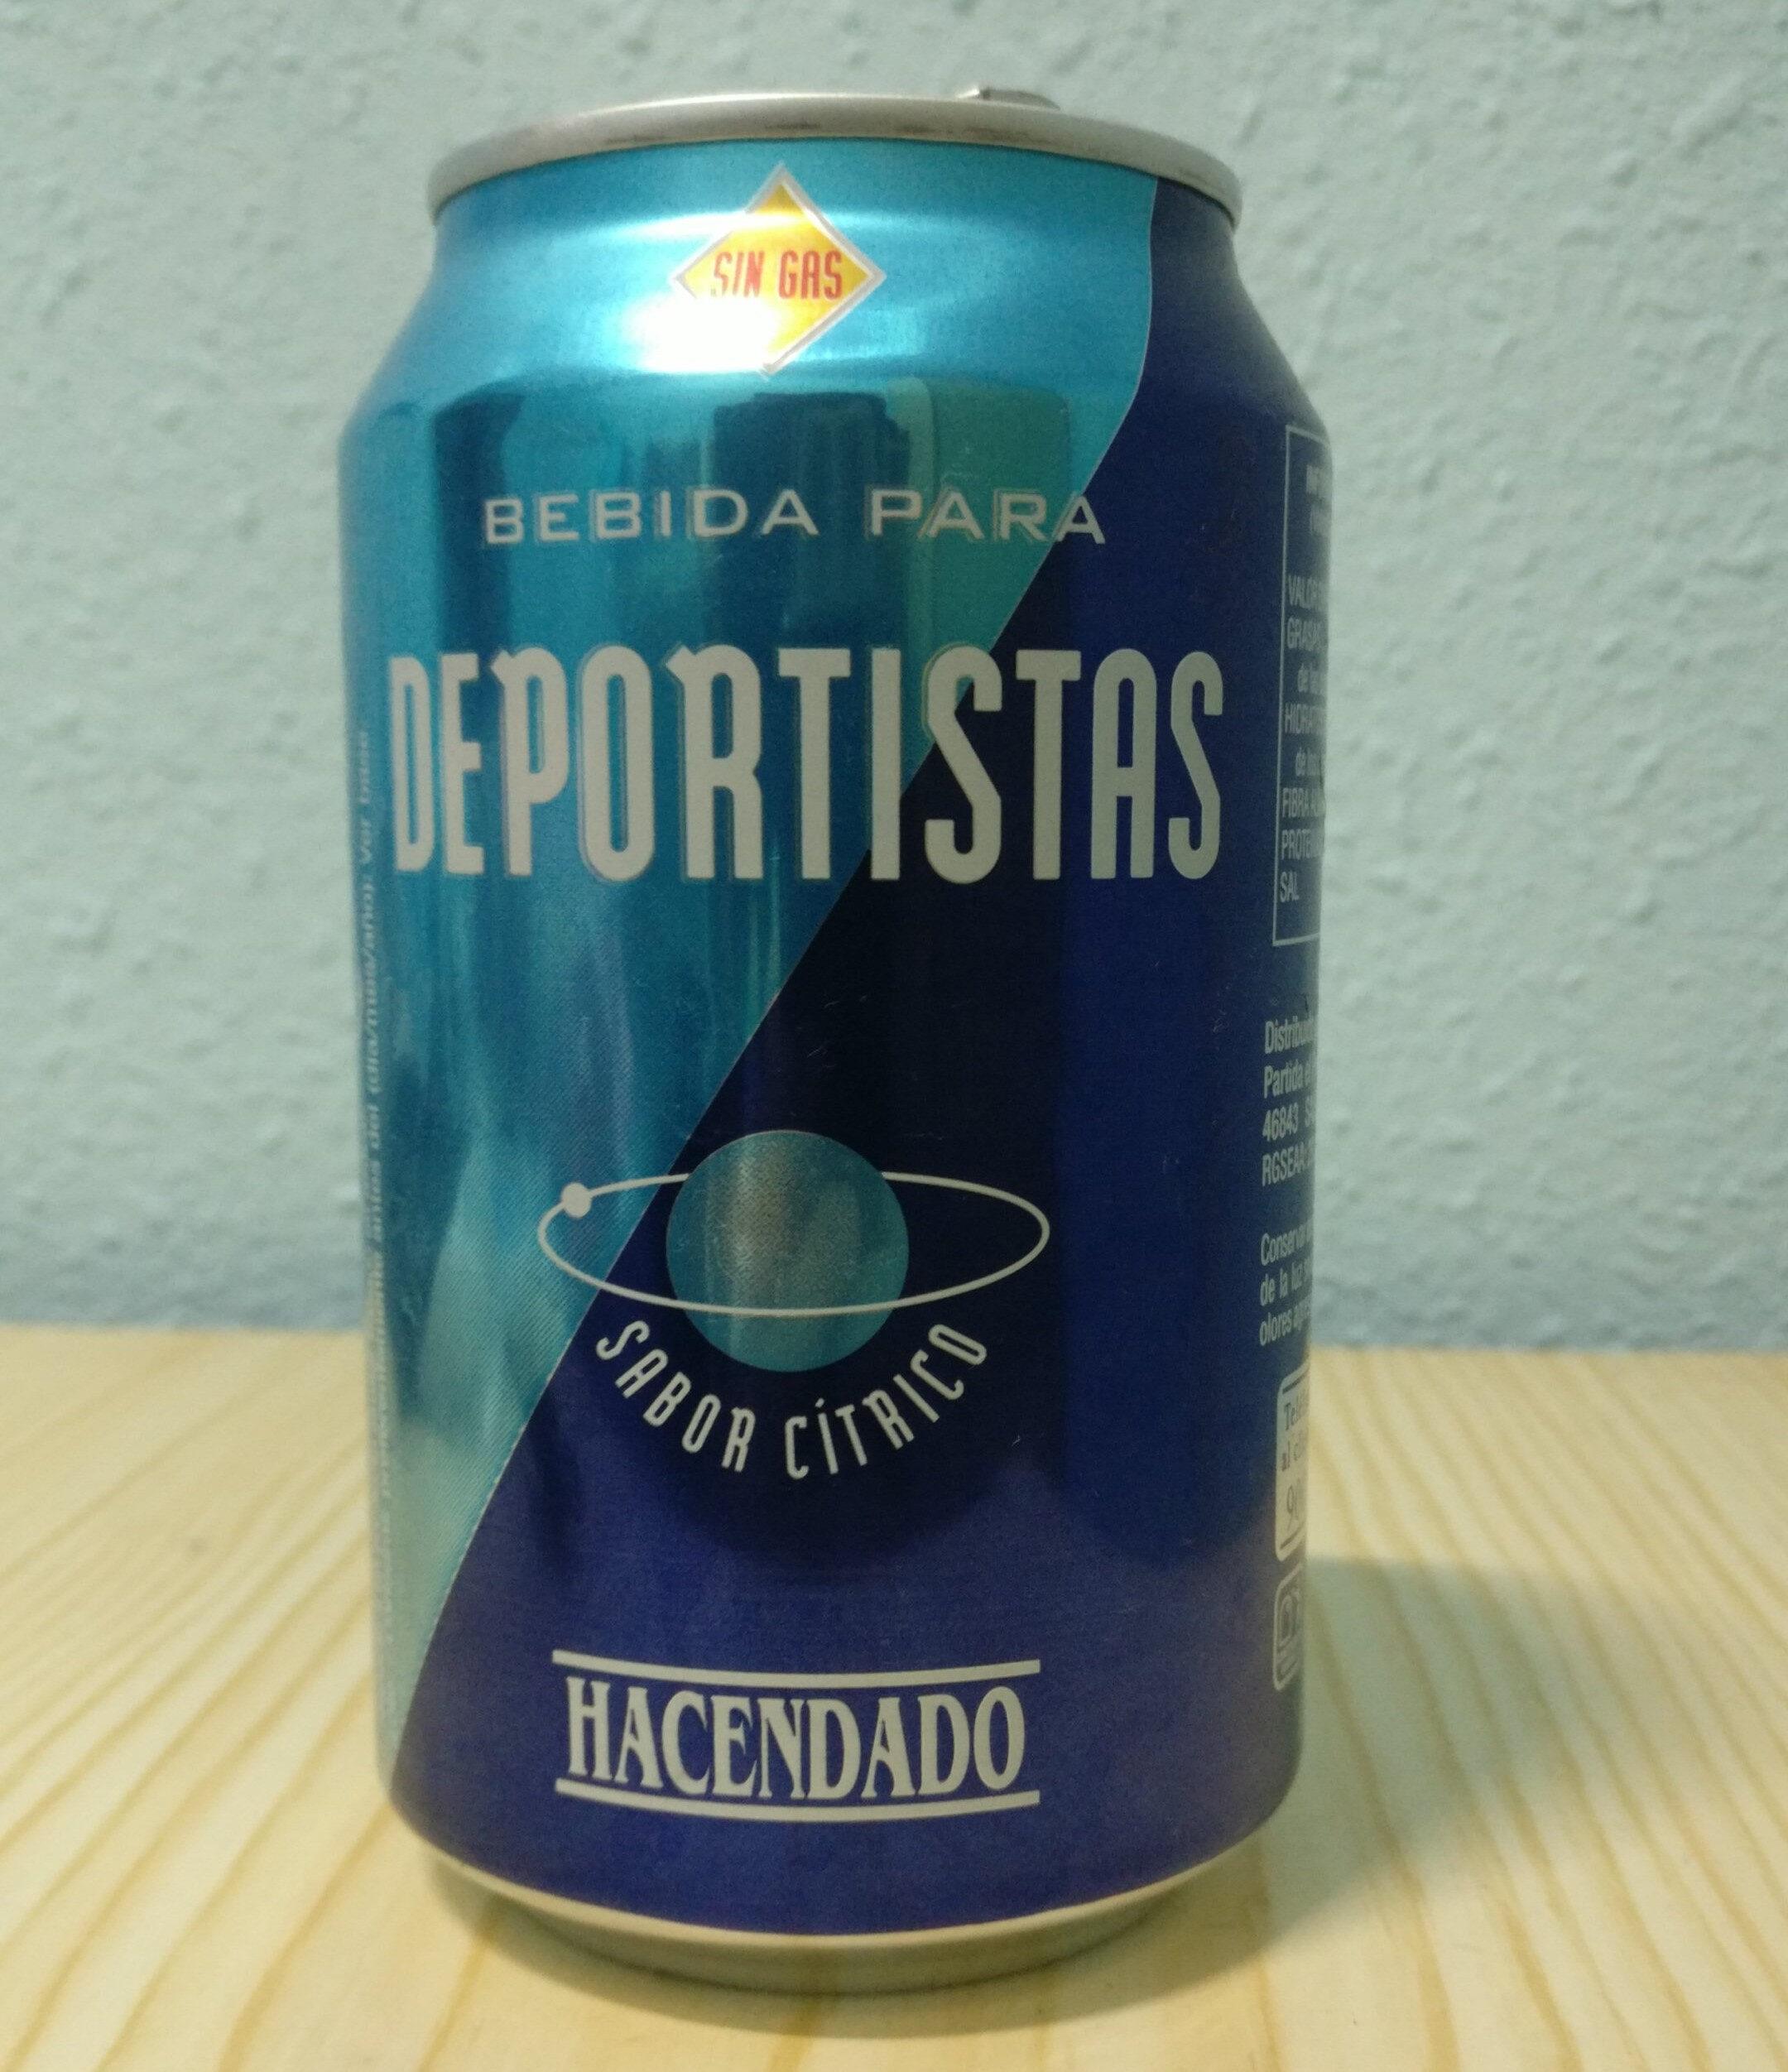 Bebida Para Deportistas Sabor Cítrico - Producto